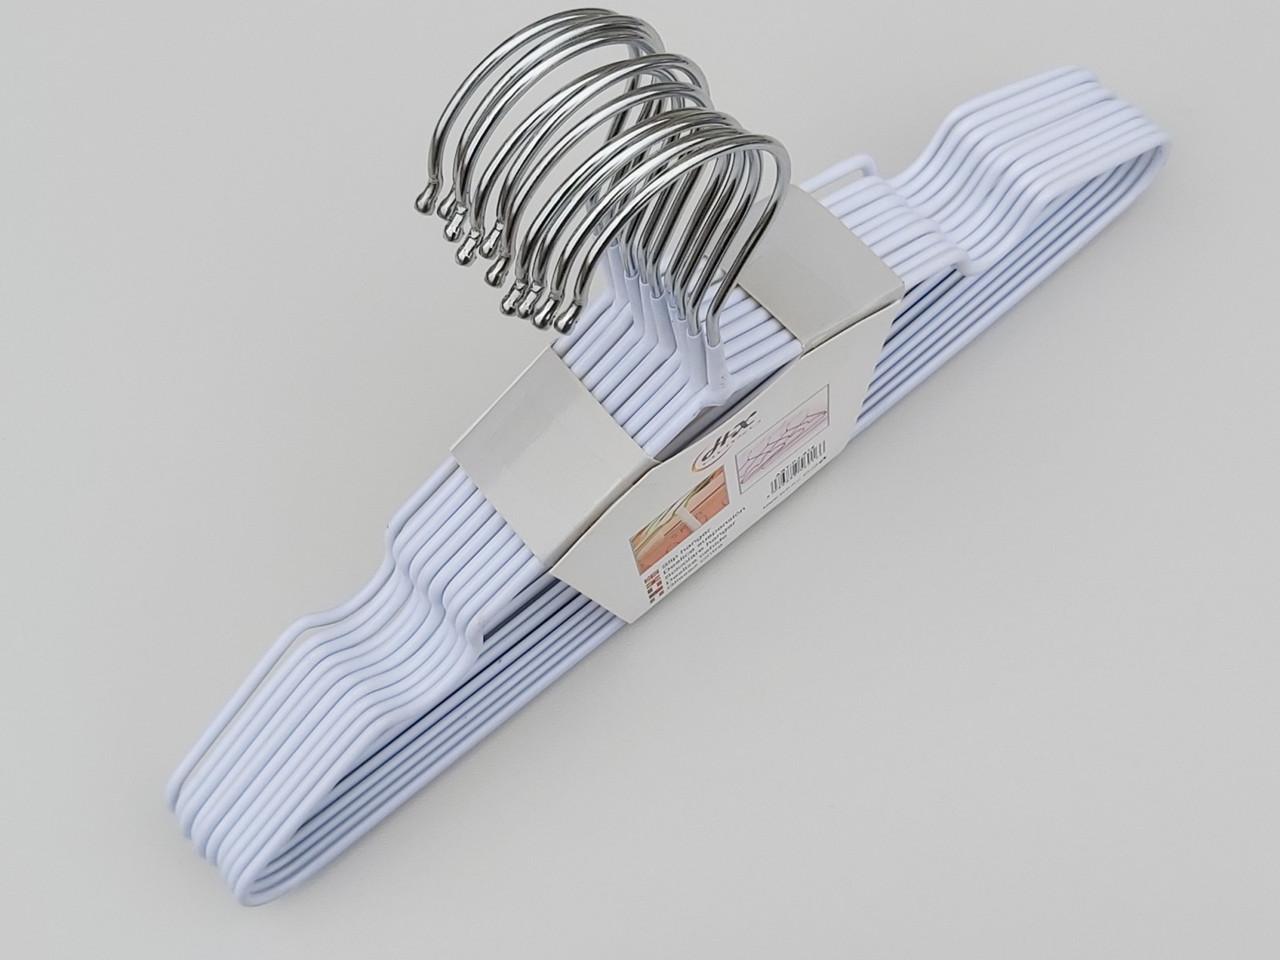 Плічка дитячі металеві в силіконовому покритті білі, 30 см, 10 штук в упаковці